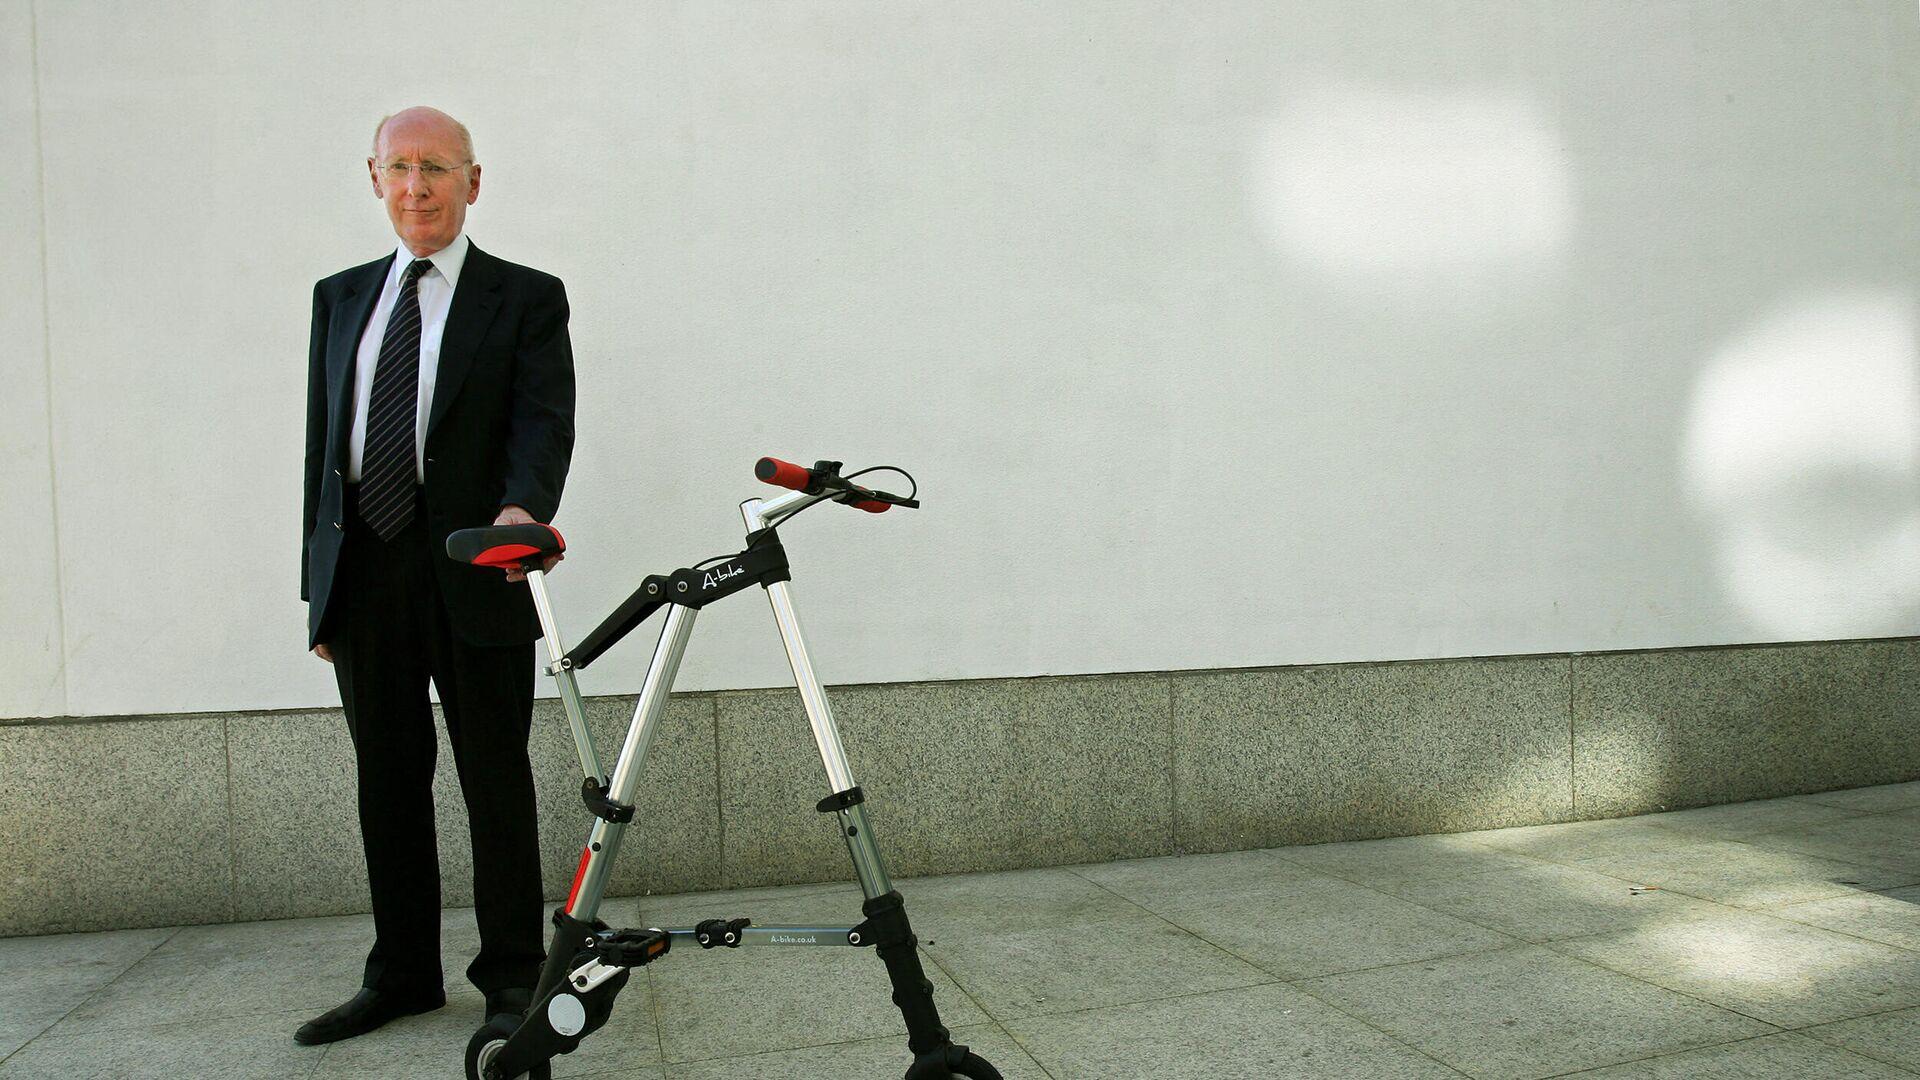 Clive Sinclair, inventor y empresario británico  - Sputnik Mundo, 1920, 17.09.2021